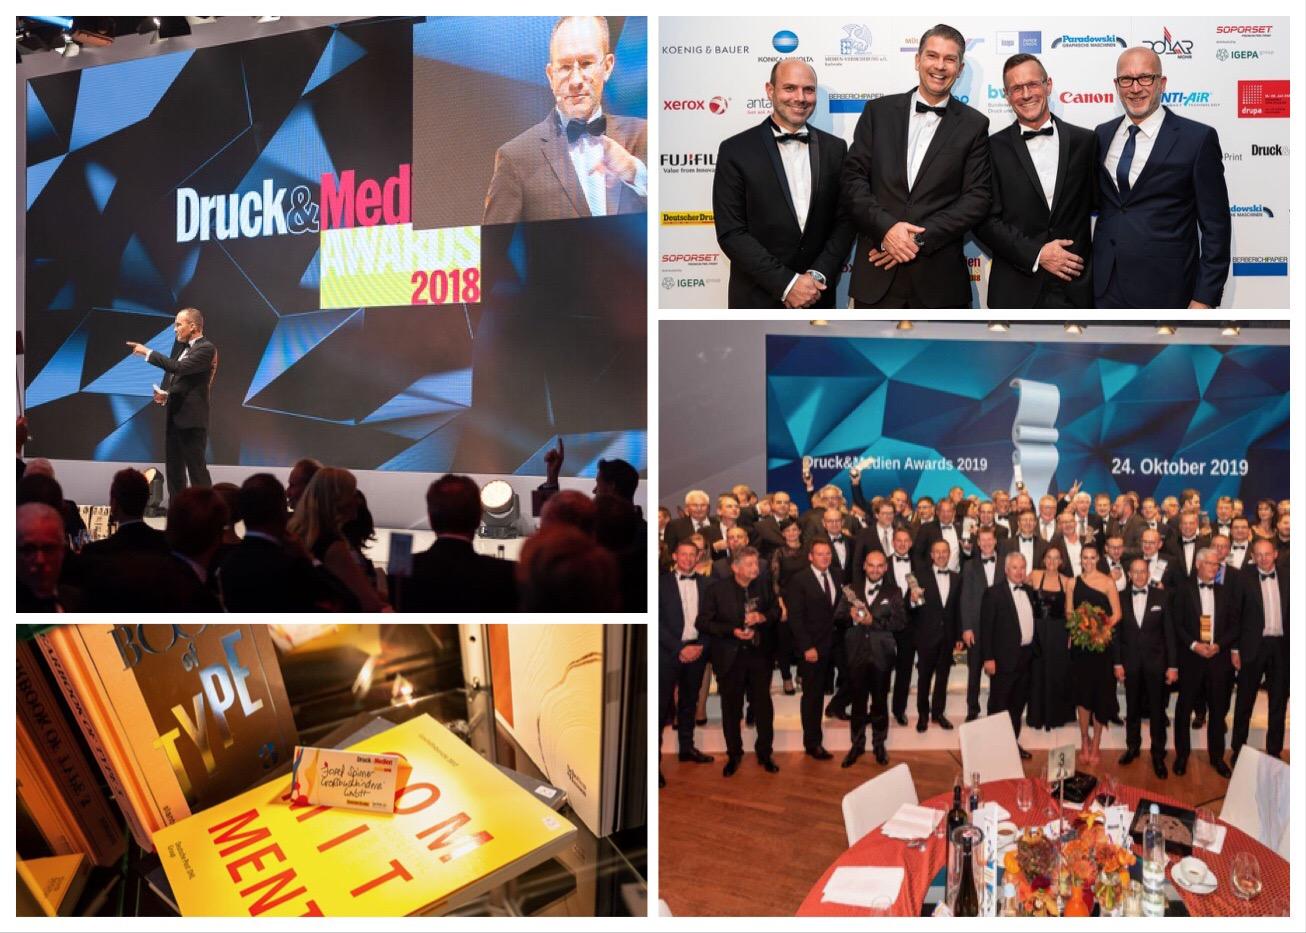 Druck und Medien Awards, Jurymitglied Dirk Leisering, Displaymanufaktur Hamburg